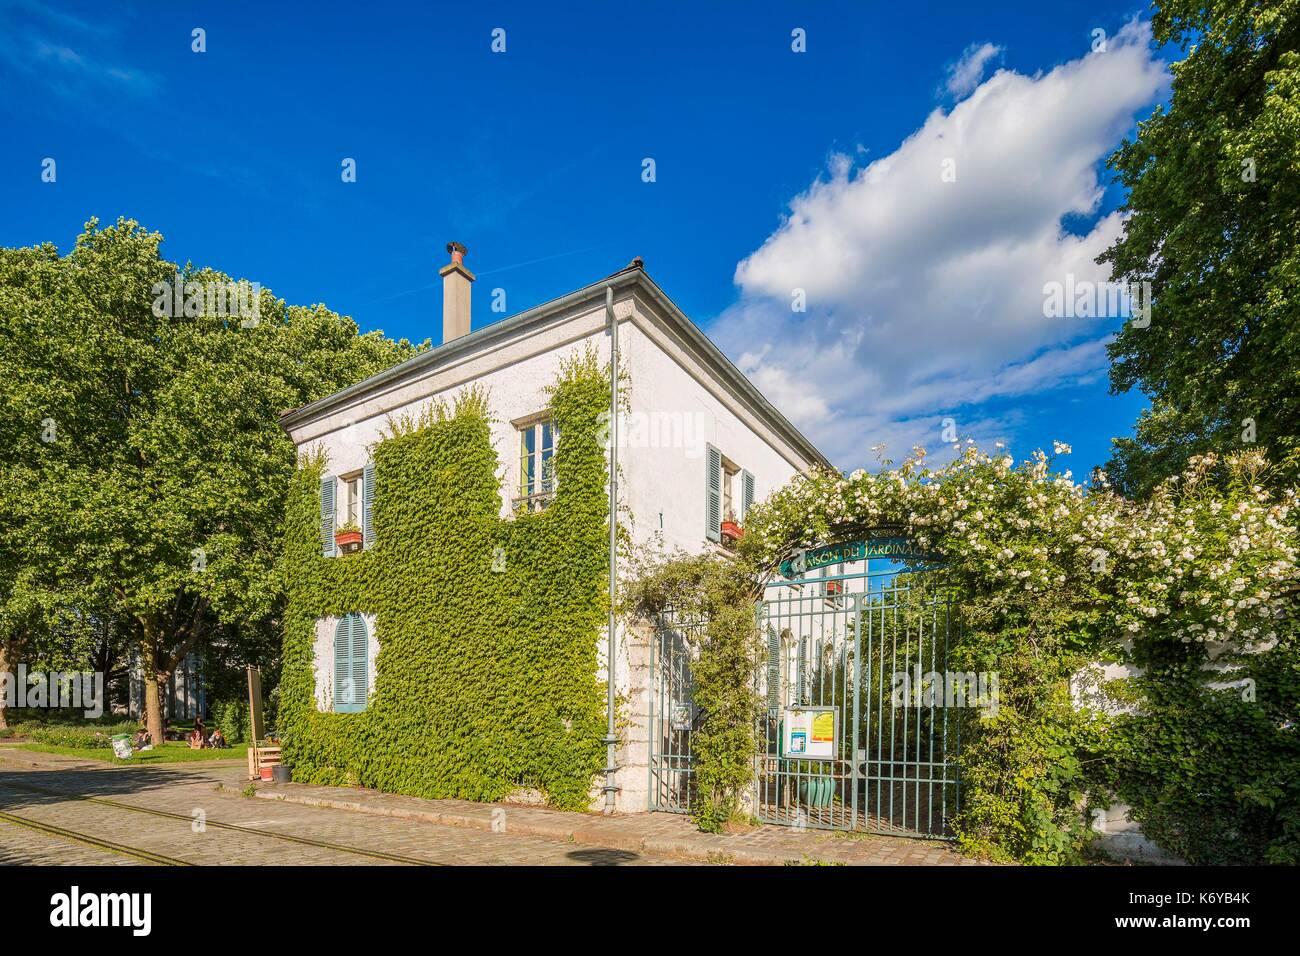 France, Paris, the Parc de Bercy, the Maison du Jardinage - Stock Image